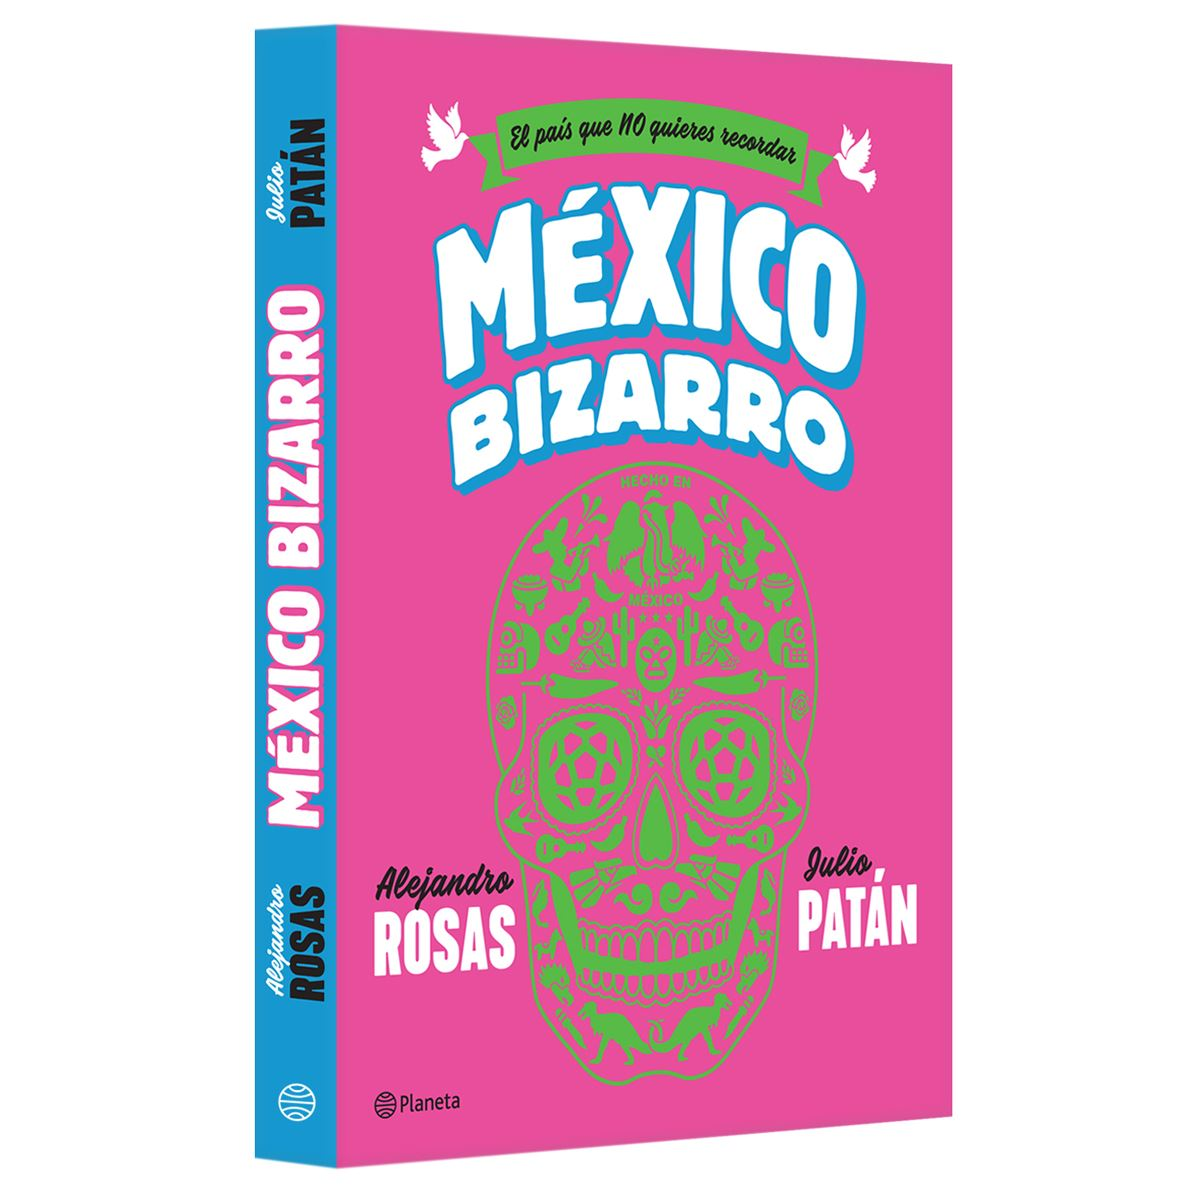 México bizarro Libro - Sanborns